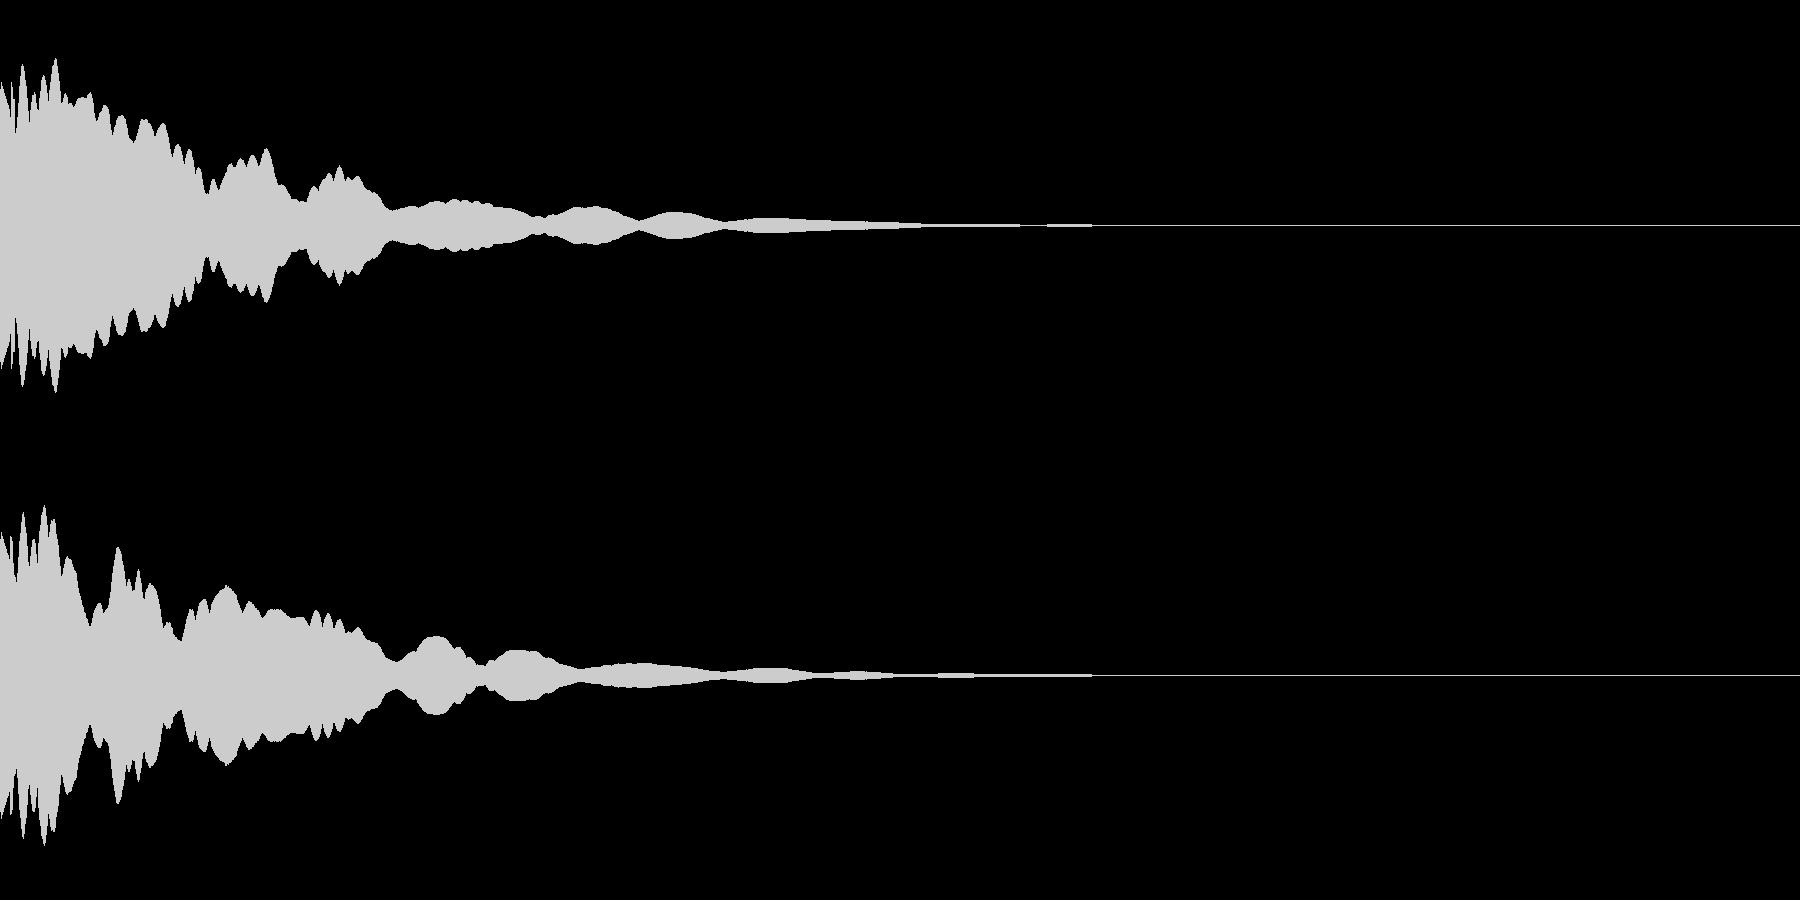 ベル/メタル/ヒット/システム/金属の未再生の波形